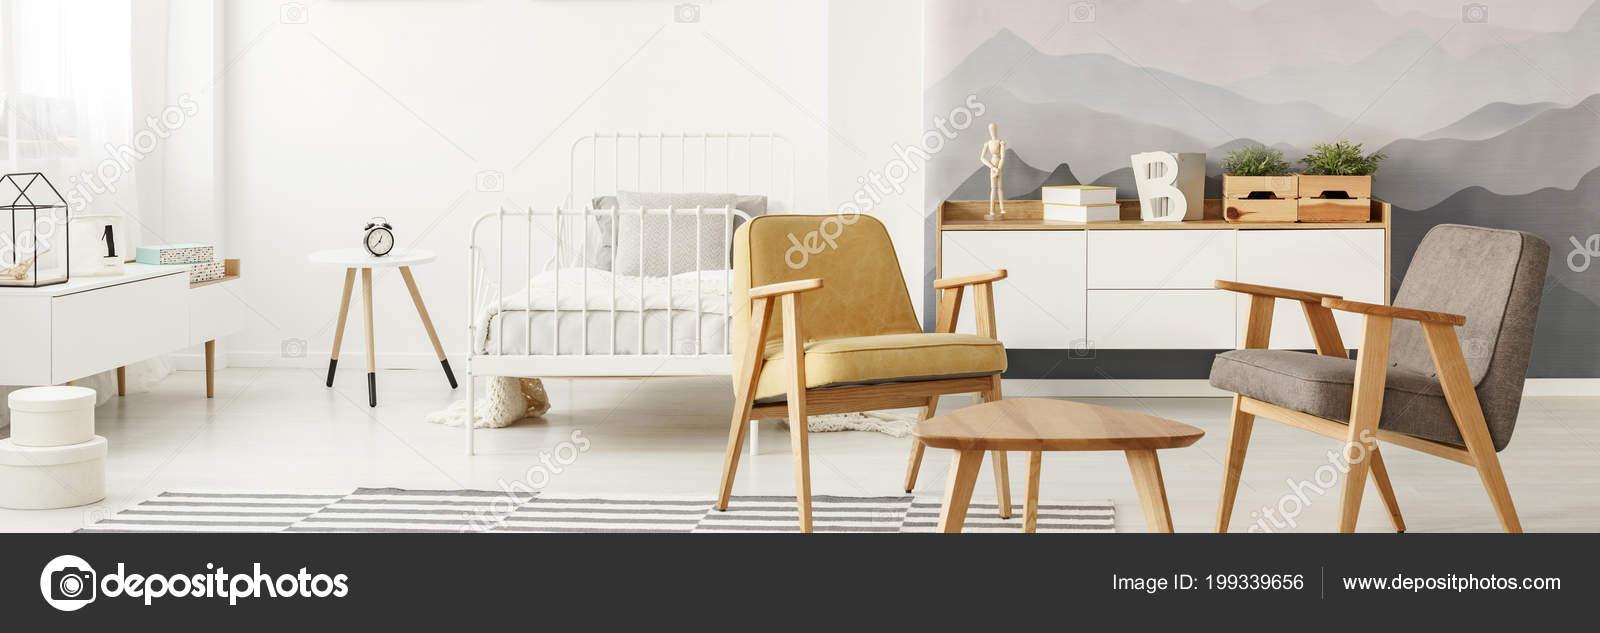 Grau Und Gelb Aus Holz Sessel Hellen Offenen Raum Innen